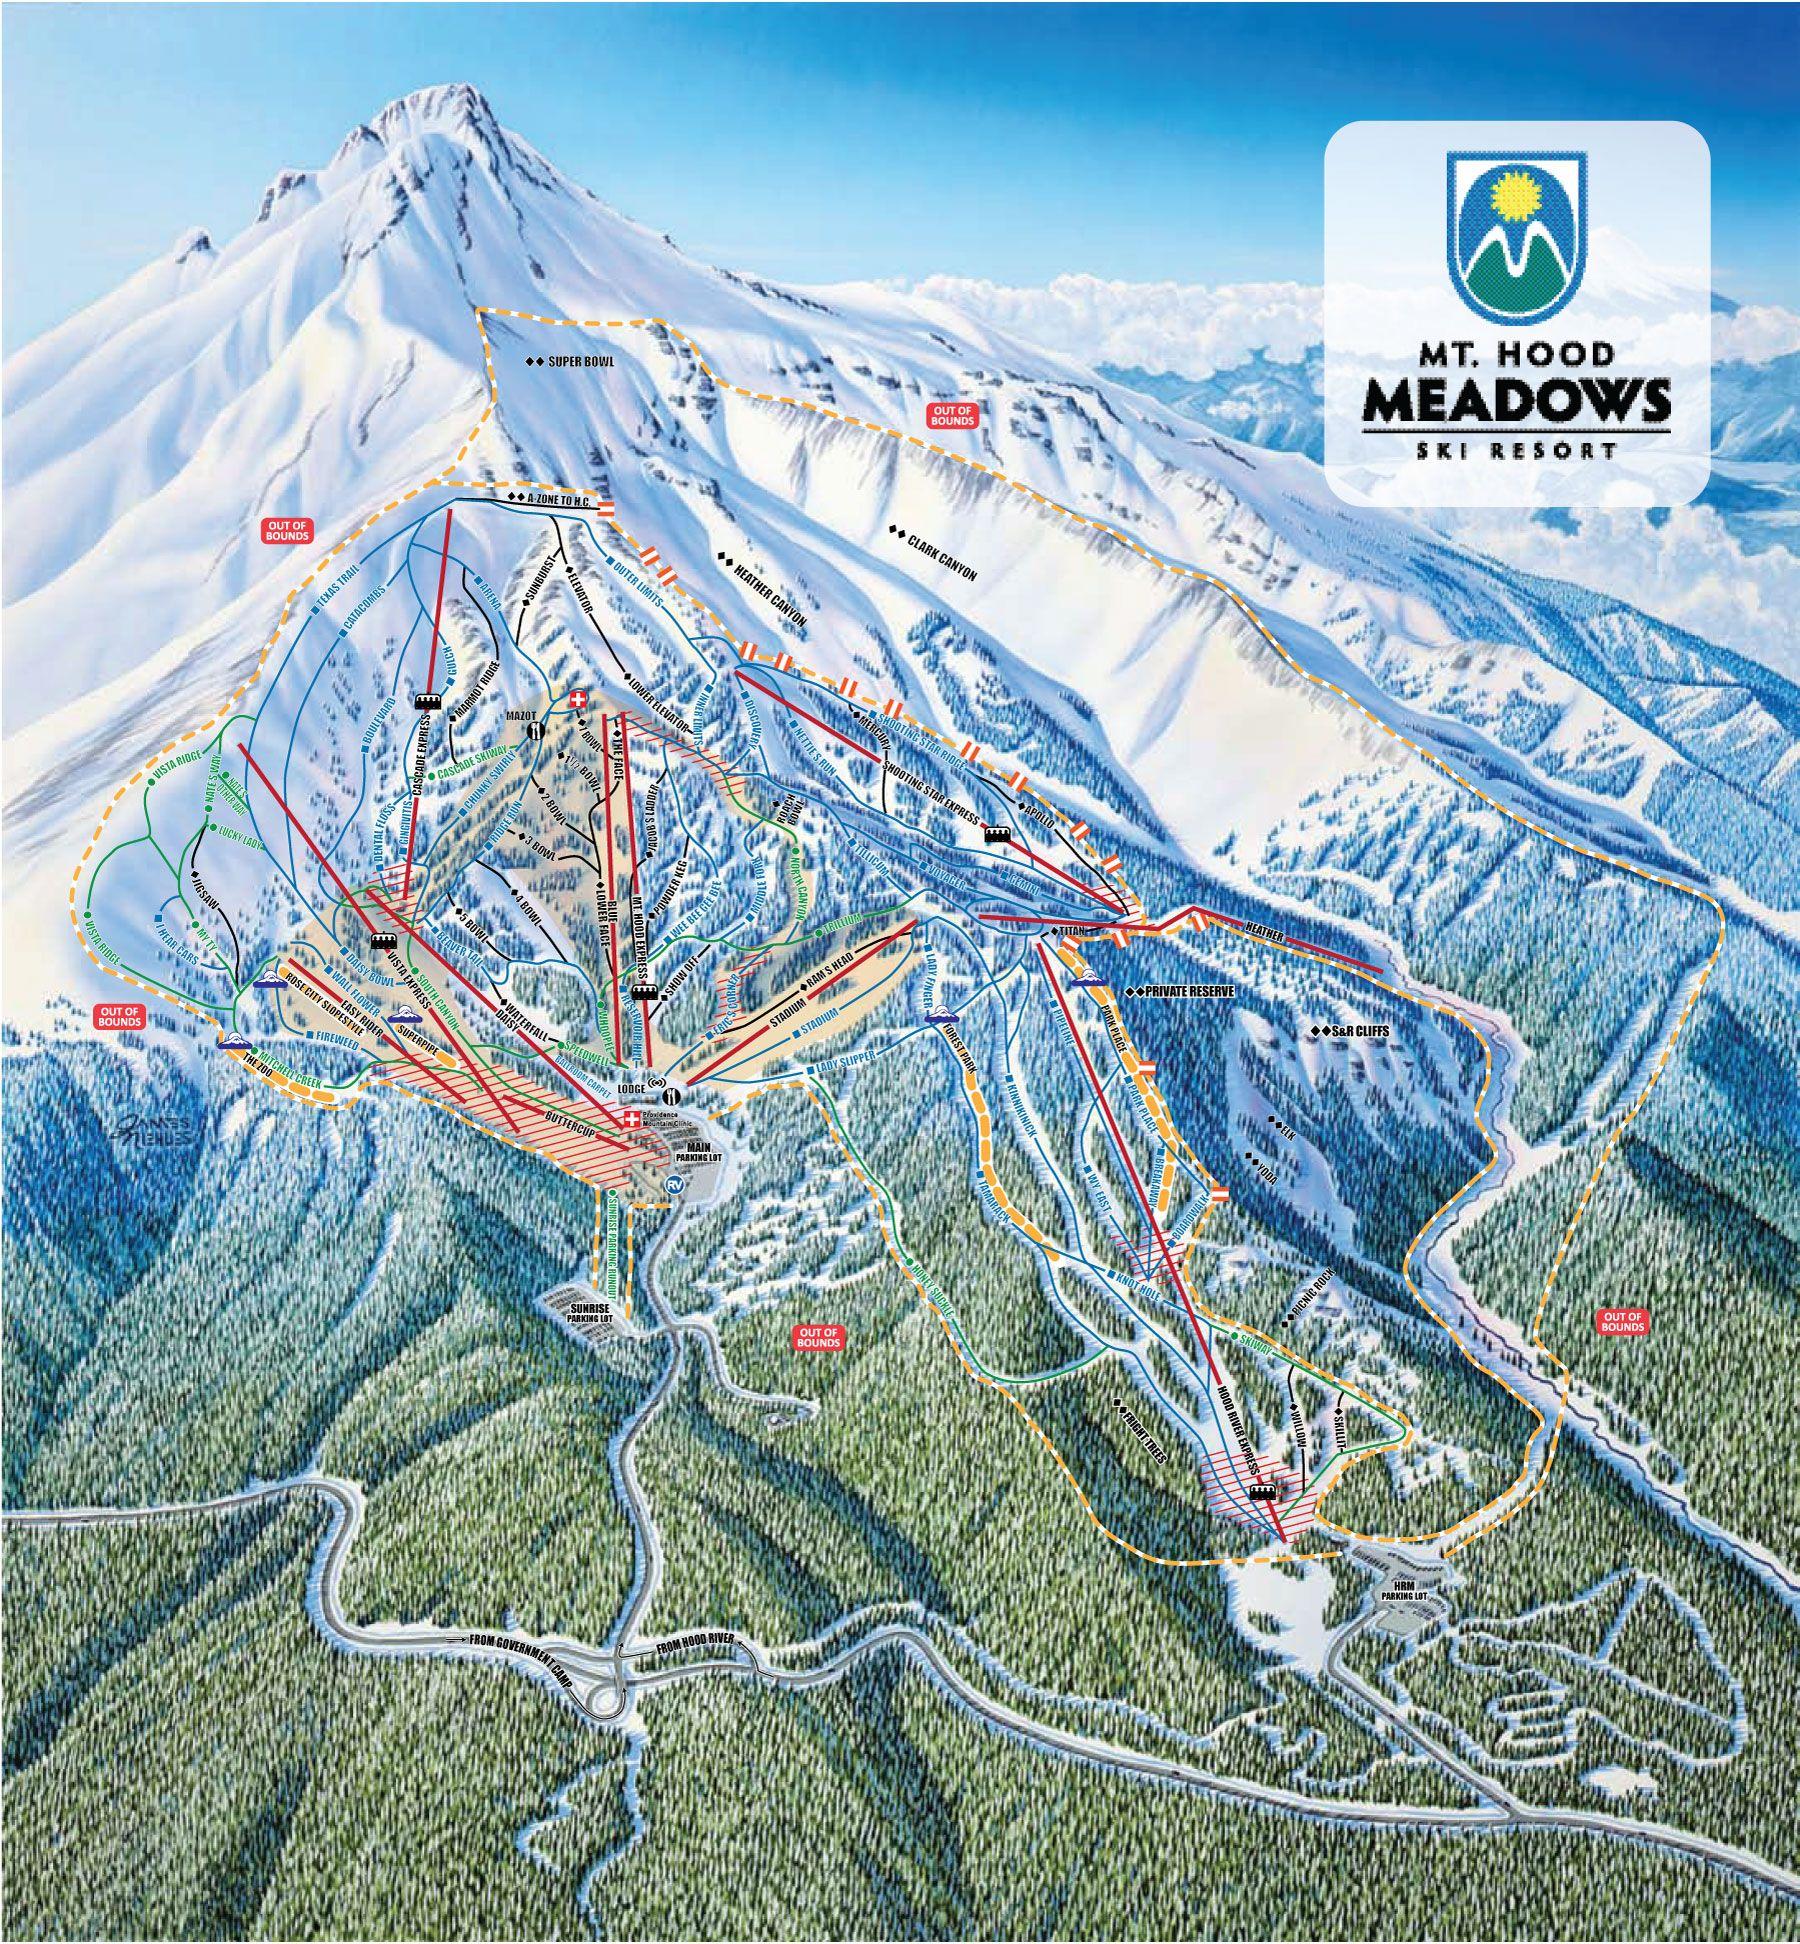 mt. hood meadows ski resort, oregon. | i have been blessed